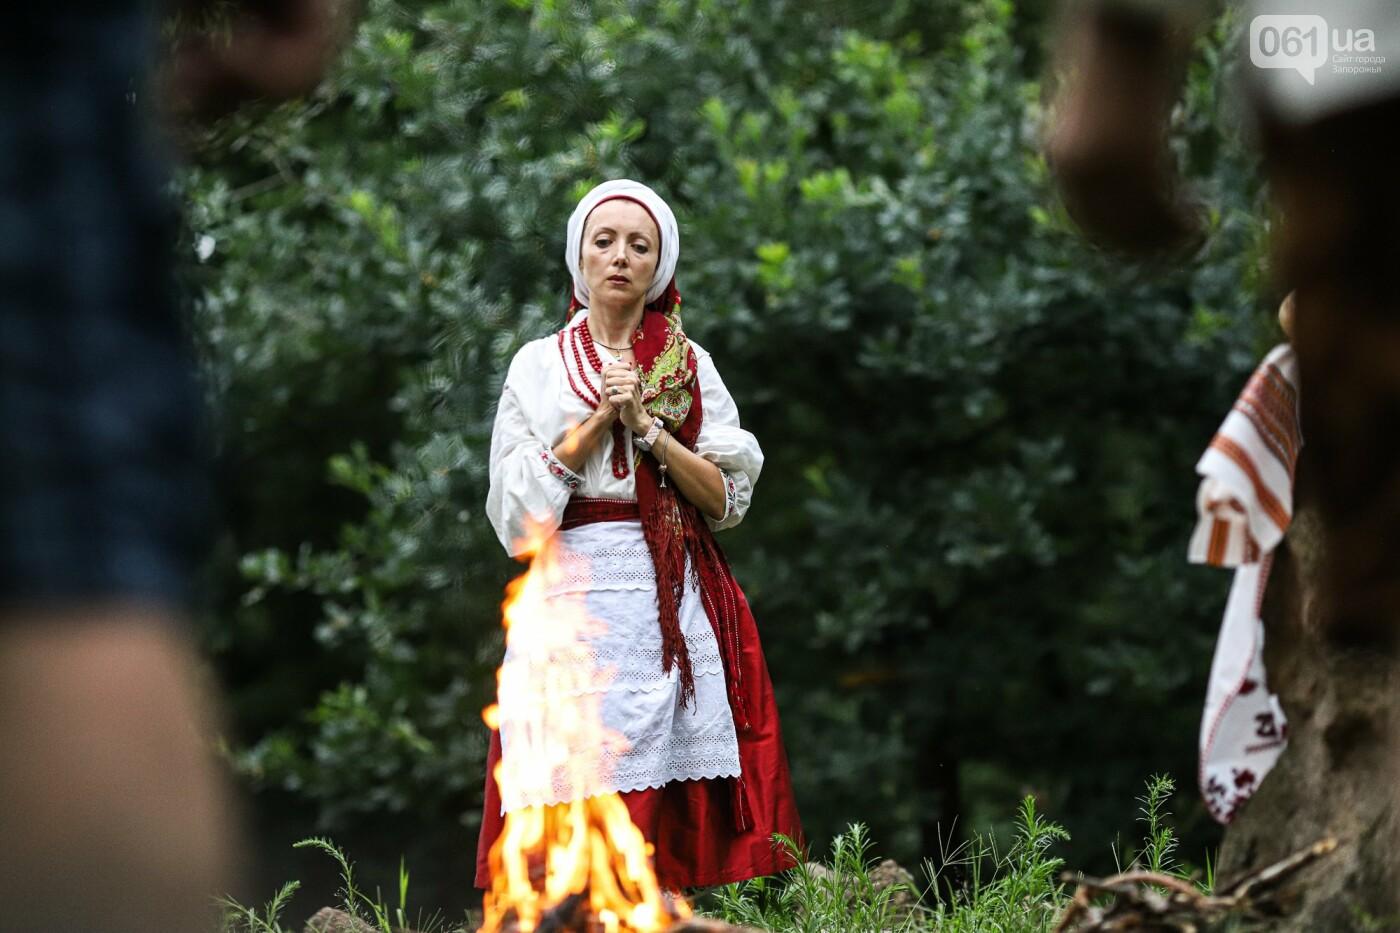 Огонь и дубовые венки: как на Хортице отметили праздник Перуна, - ФОТОРЕПОРТАЖ, фото-29